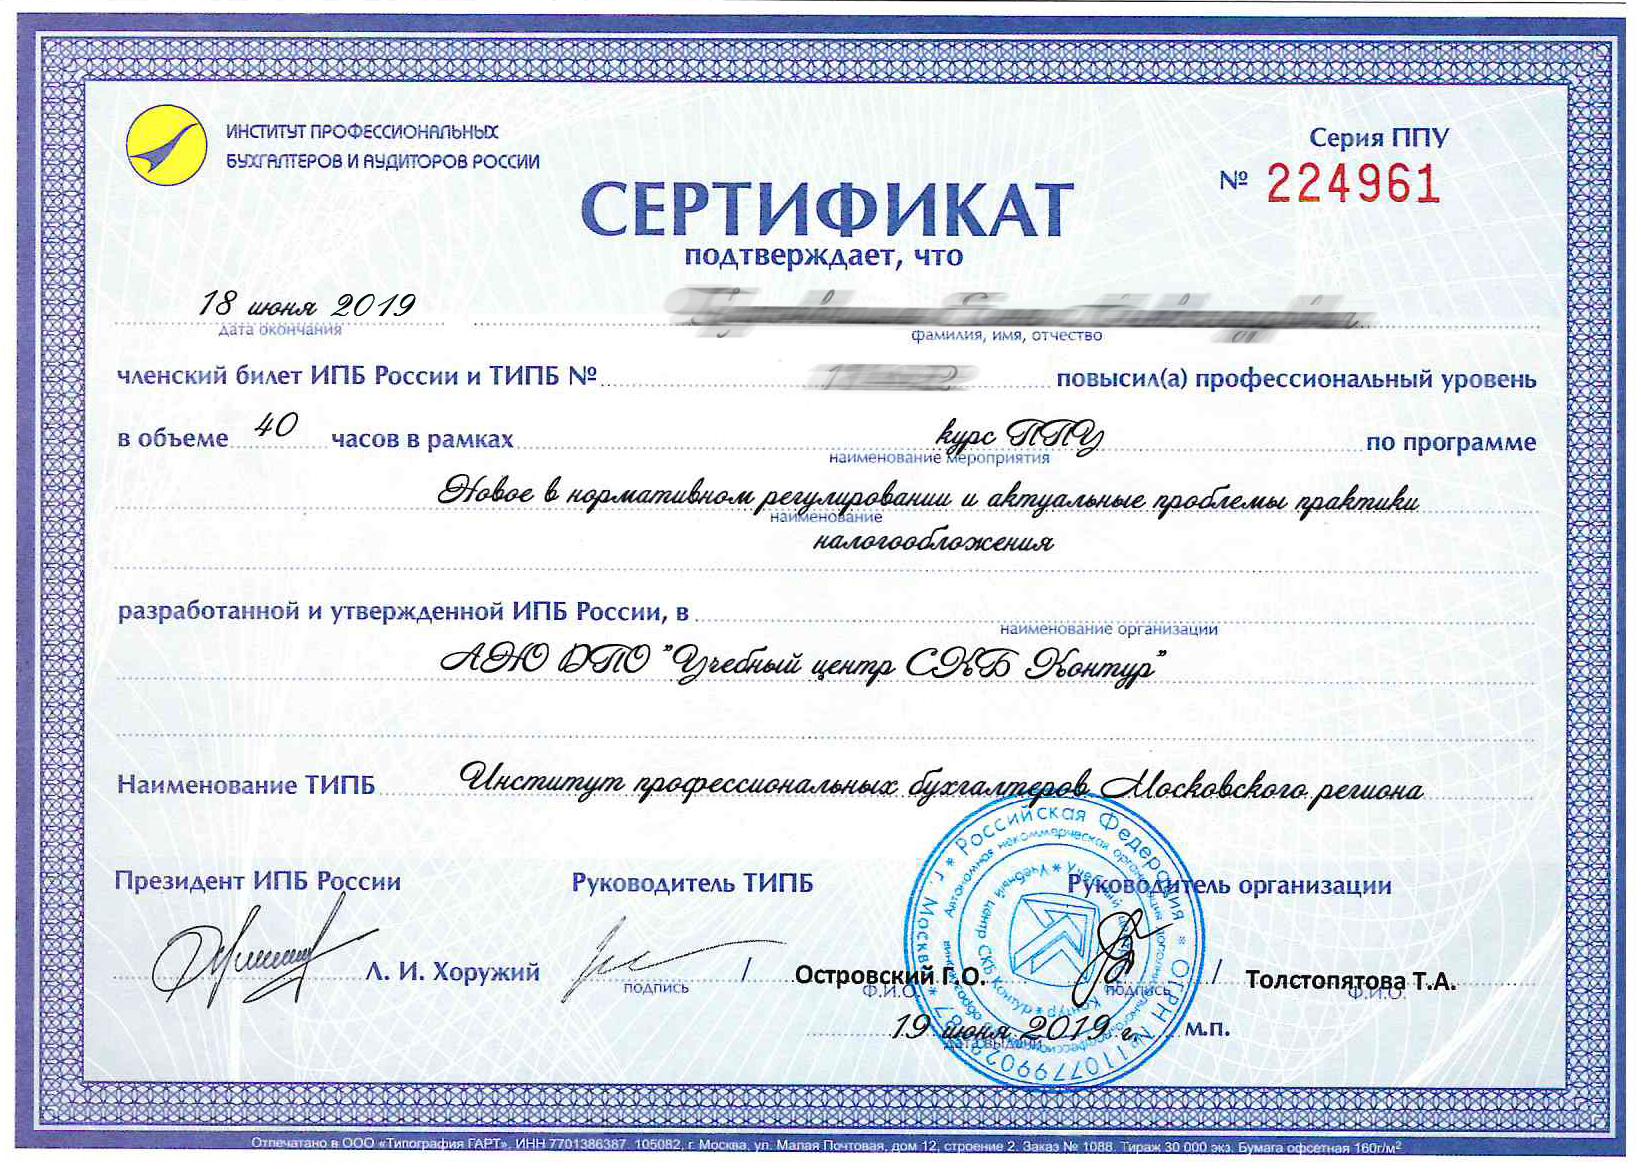 Сертификат ИПБР для профбухгалтера (по запросу)